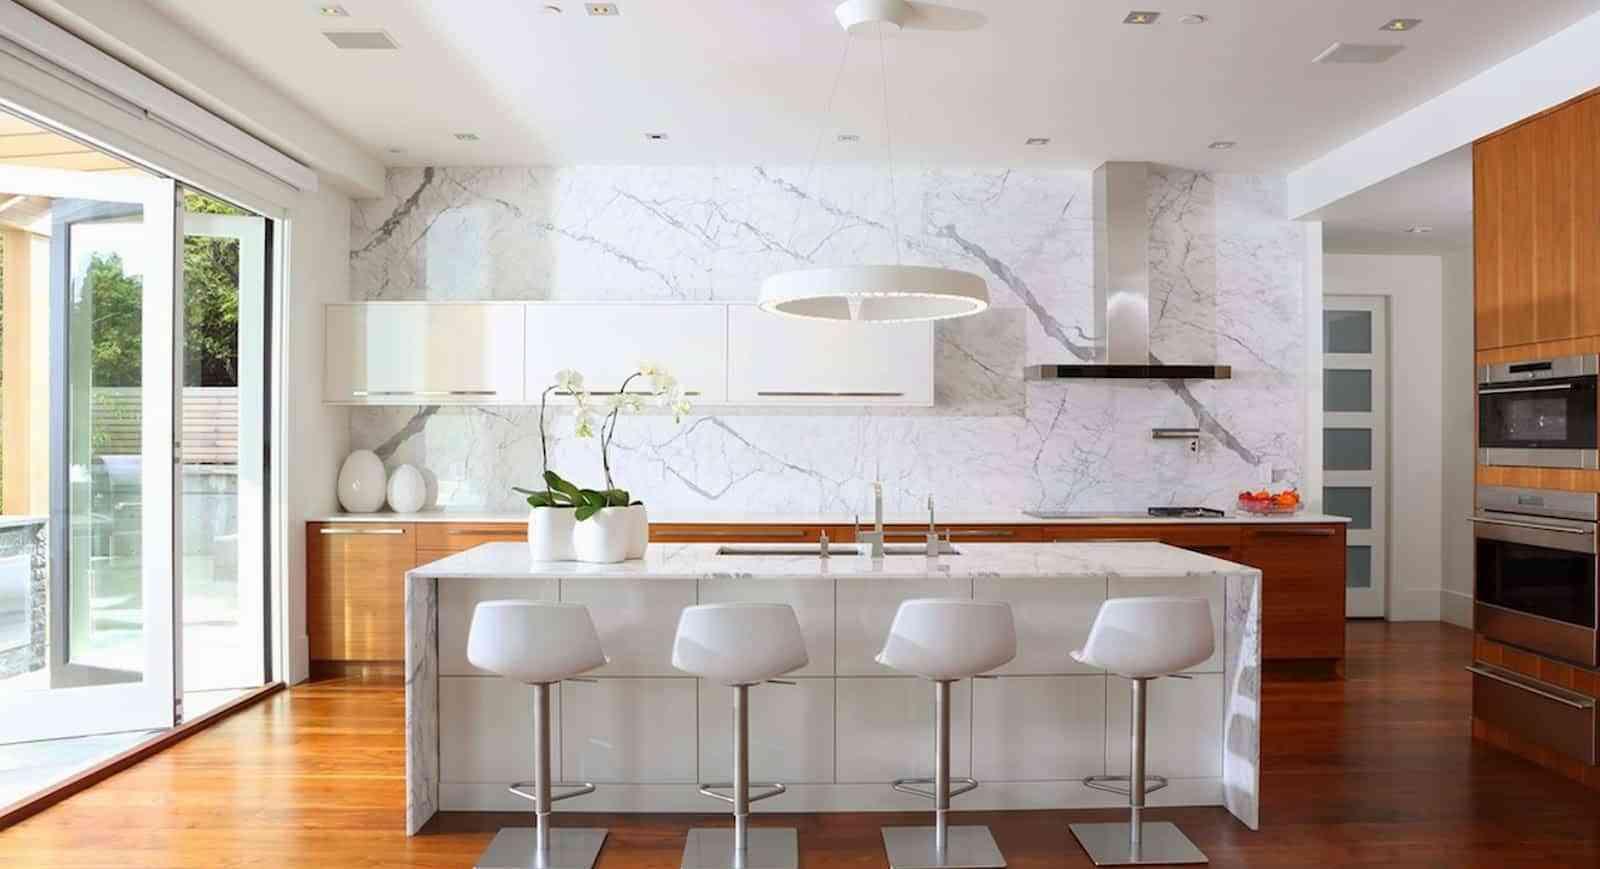 cocinas-integrales-en-marmol-iii